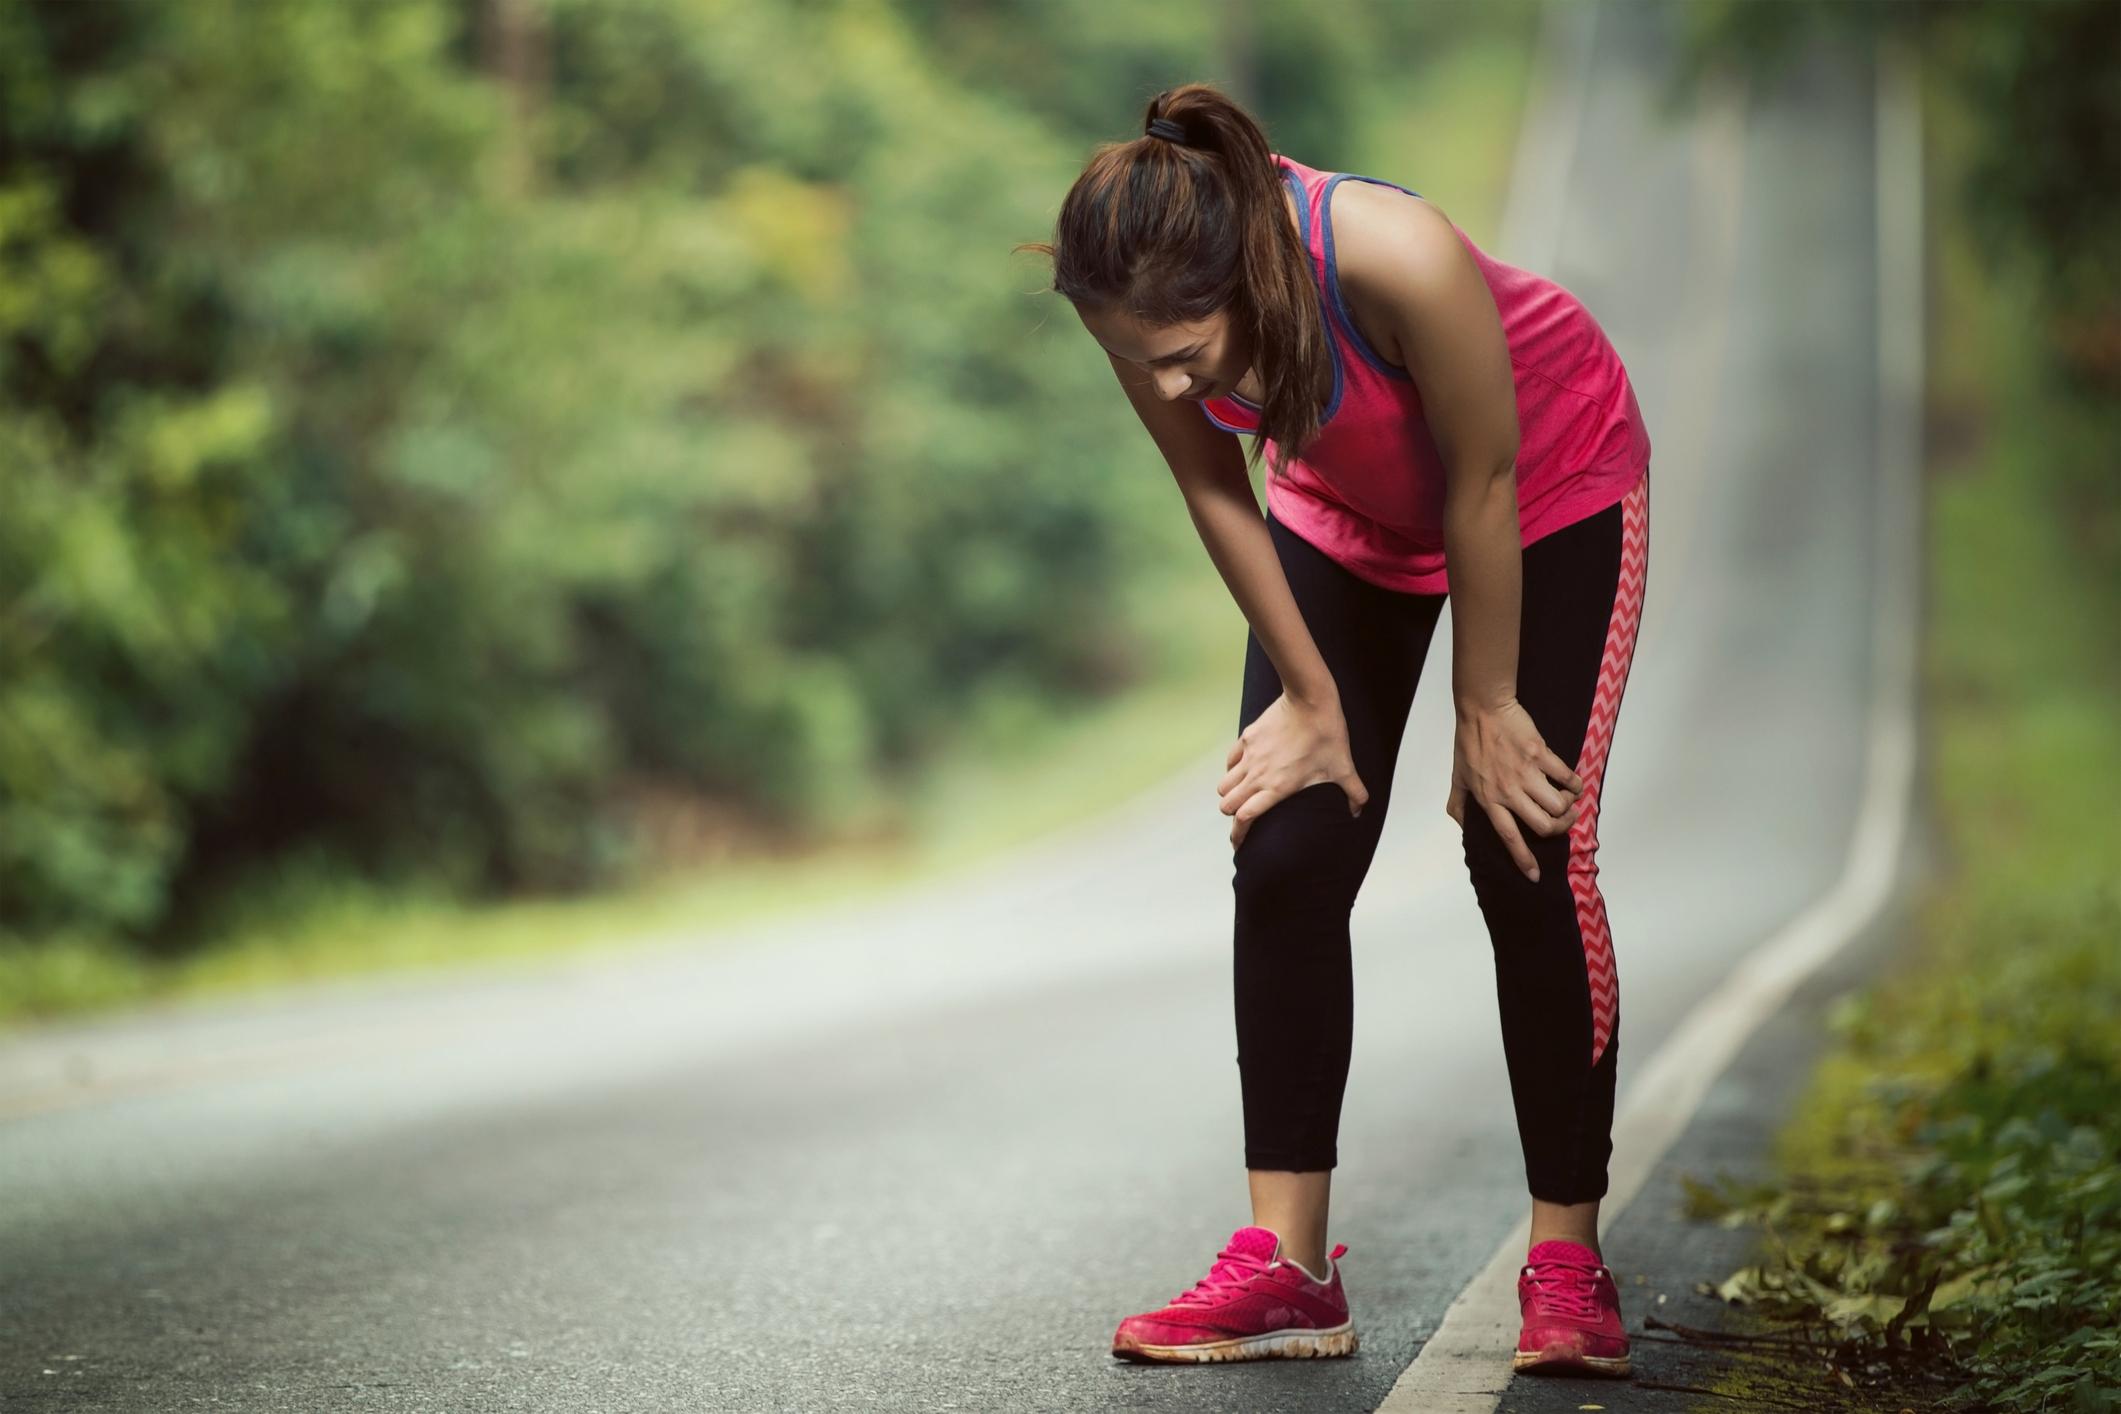 Як правильно бігати і дихати: техніка правильного спорту